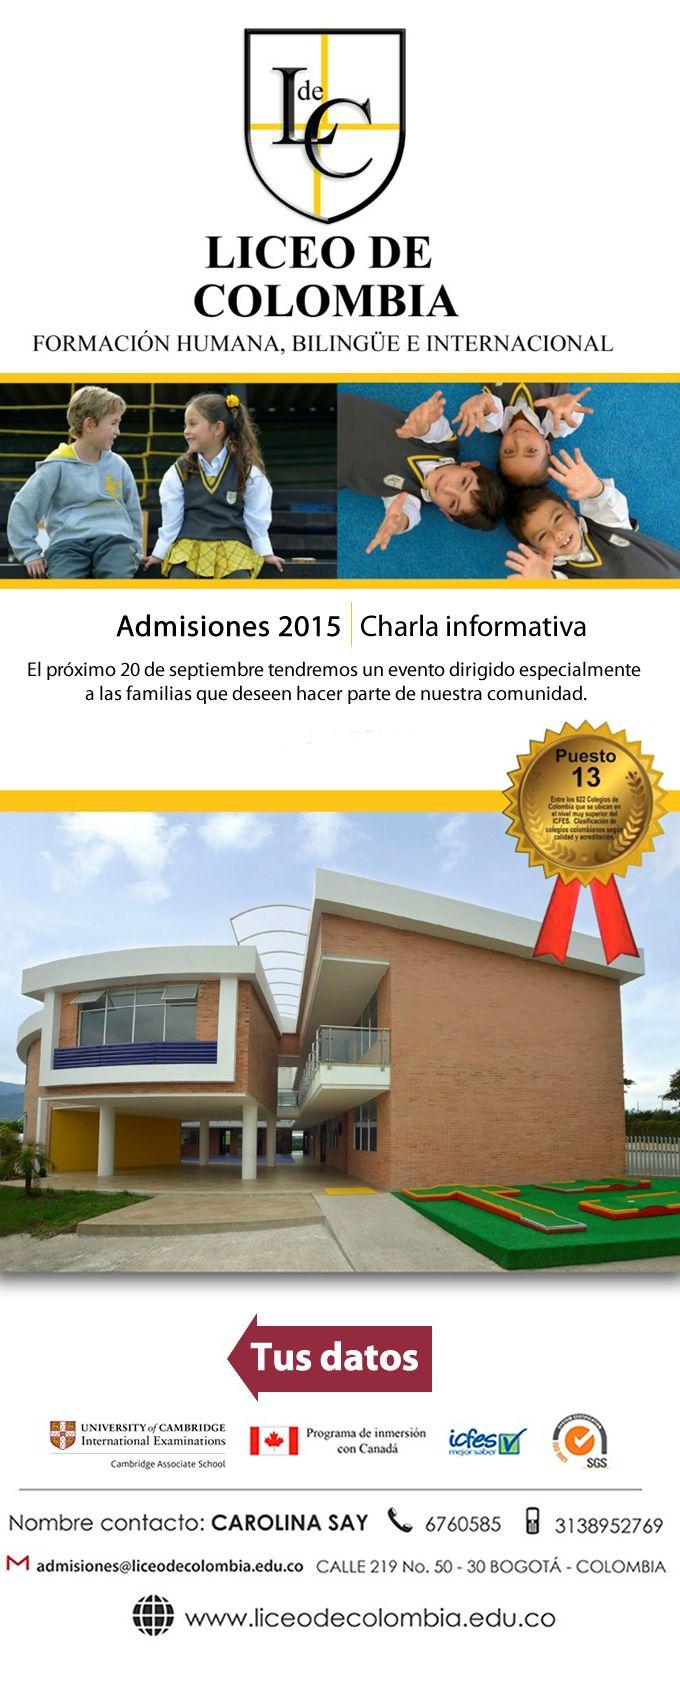 #NOVOCLICK esta con @LICEODECOLOMBIA y su proceso de inscripción matriculas 2015 colegio #13 calidad superior icfes